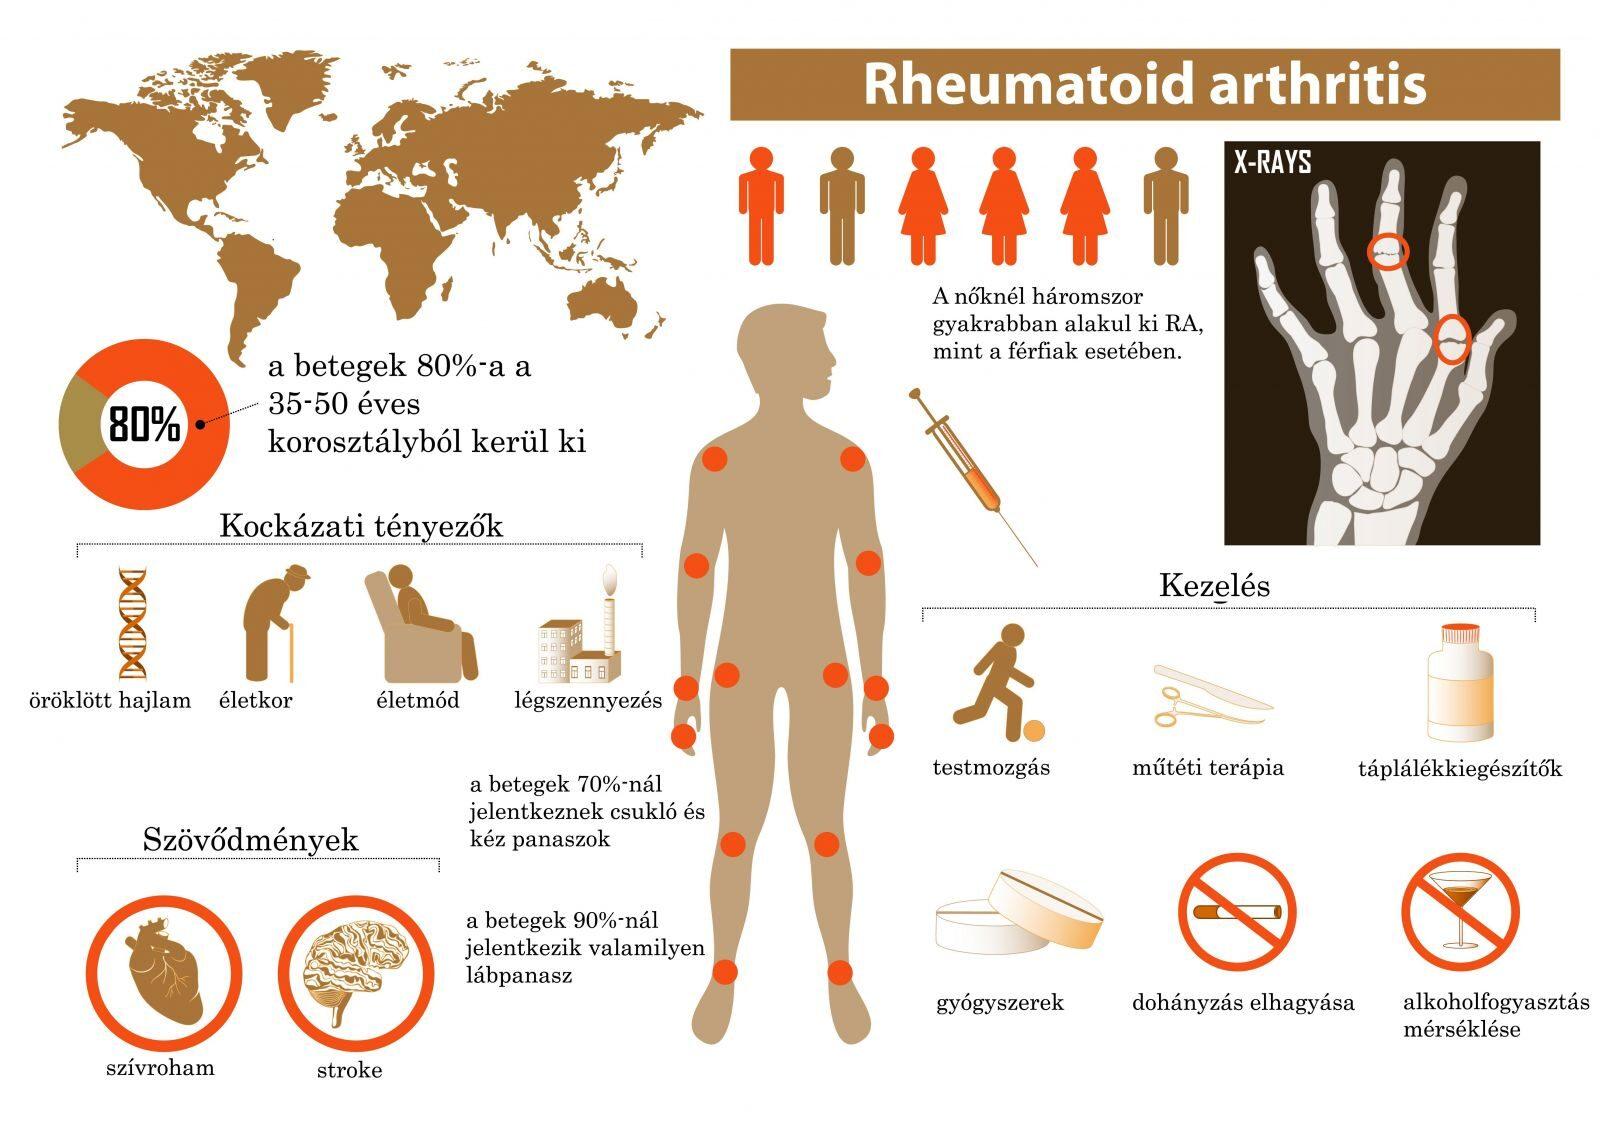 a kéz arthrosis kezelése gyógyszeres kezelés lábfájdalom az ízületnél a saroknál